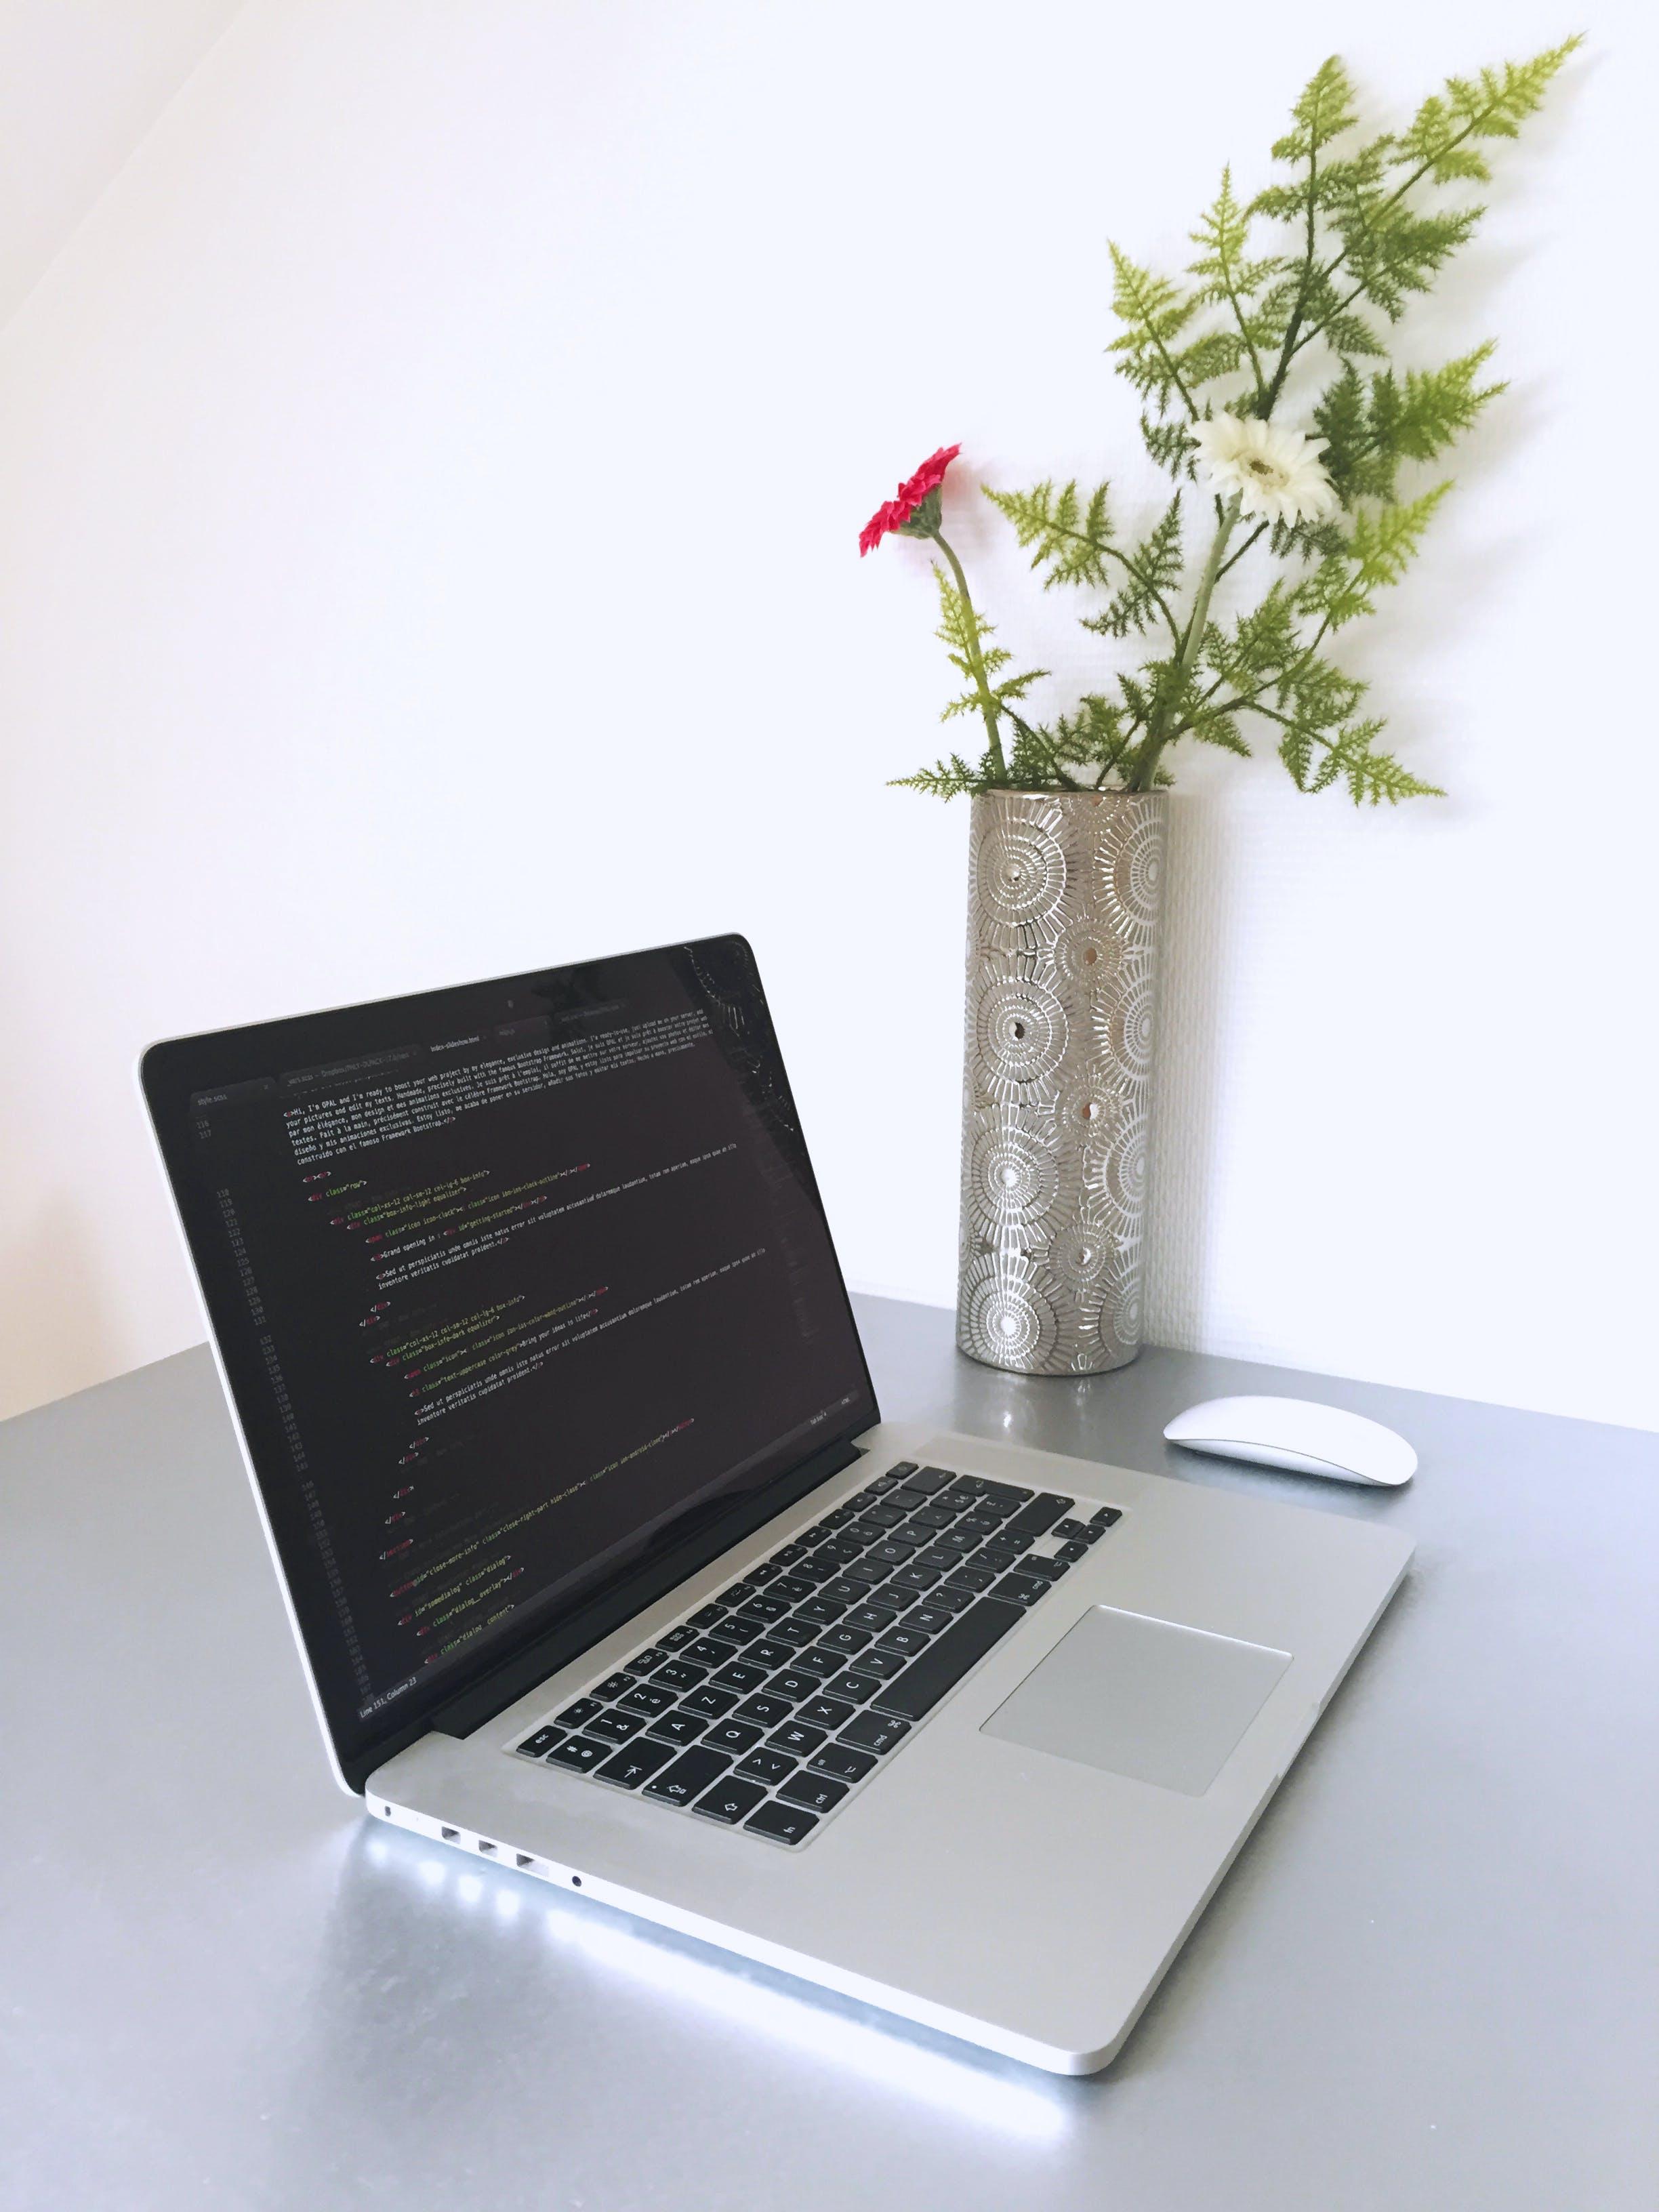 codificação, código, computador portátil